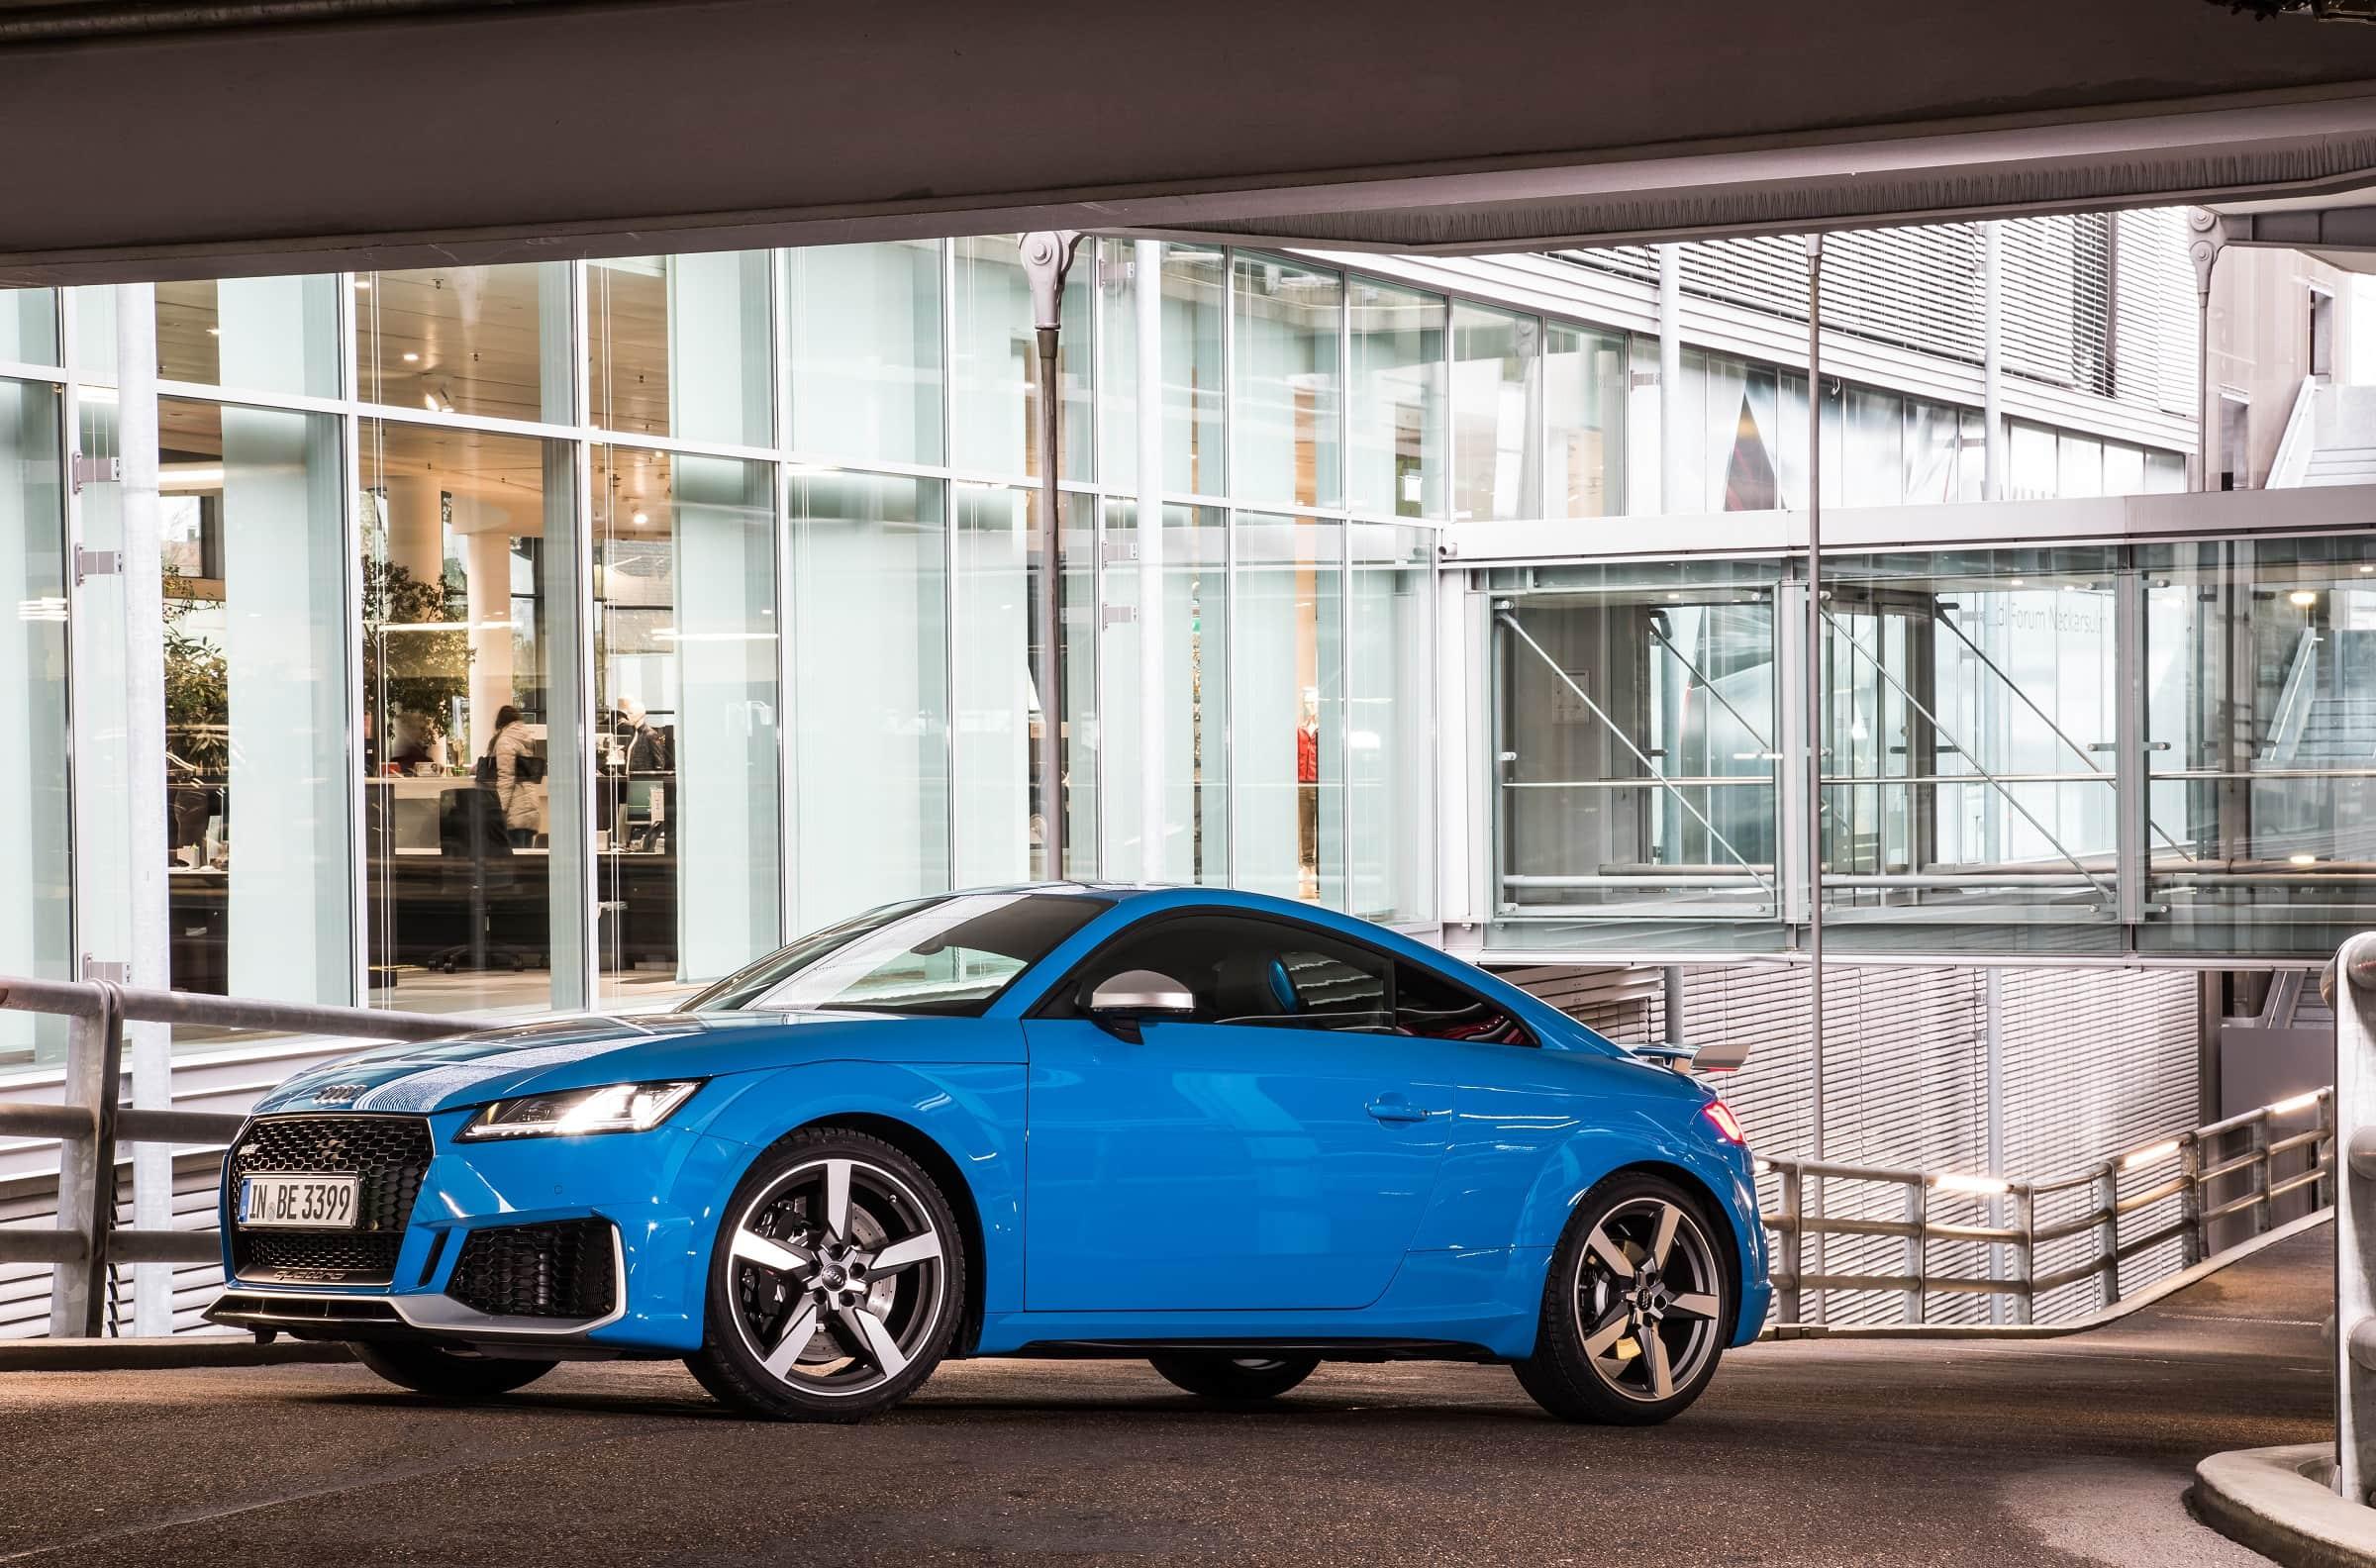 Εμπνευσμένο από τα αγωνιστικά αυτοκίνητα: ο σχεδιασμός των μοντέλων RS